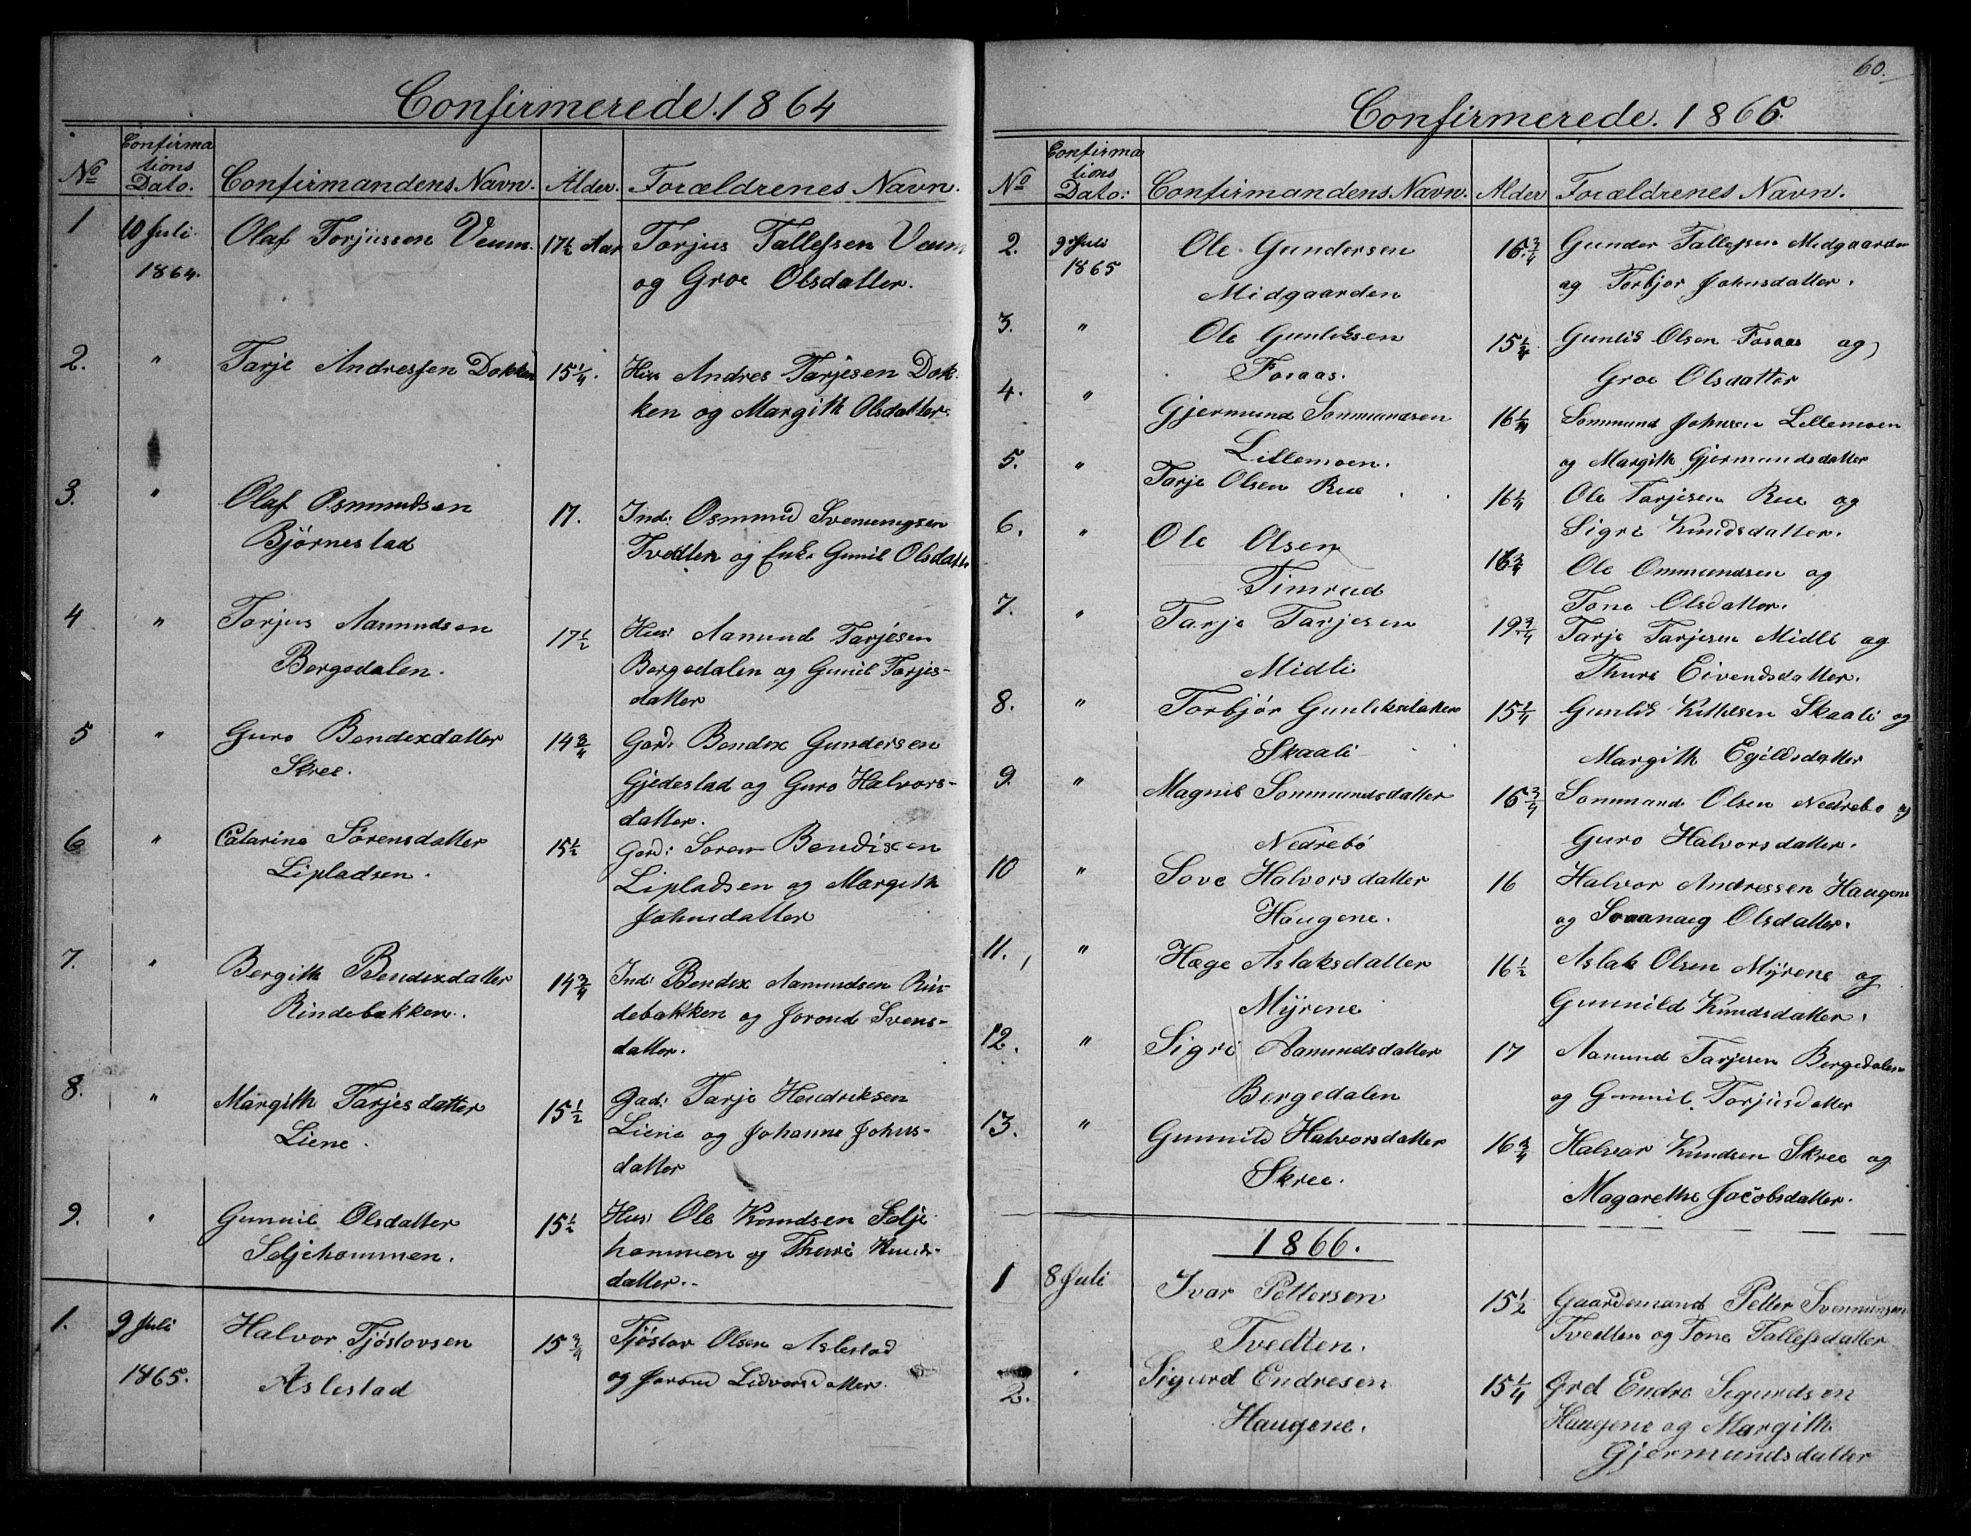 SAKO, Fyresdal kirkebøker, G/Gb/L0001: Klokkerbok nr. II 1, 1864-1890, s. 60